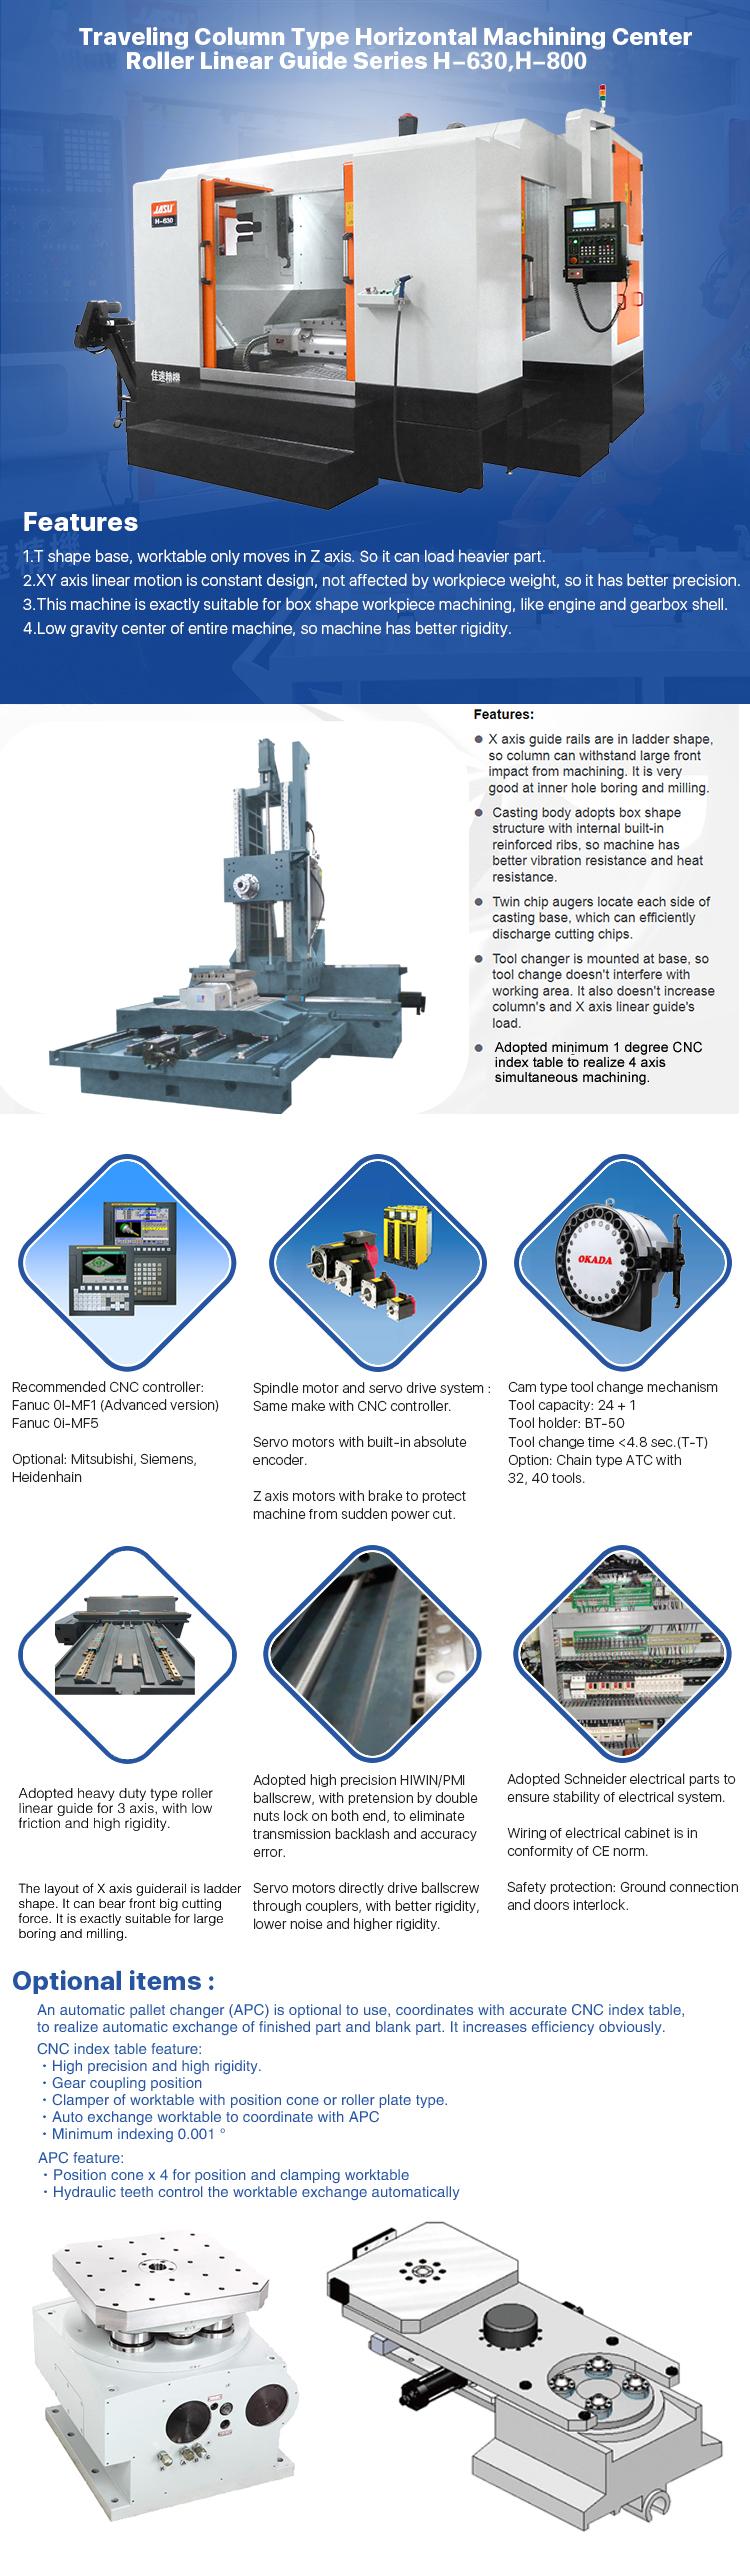 JASU H-630 Horizontal CNC Boring Milling Tapping Drilling Machine Center